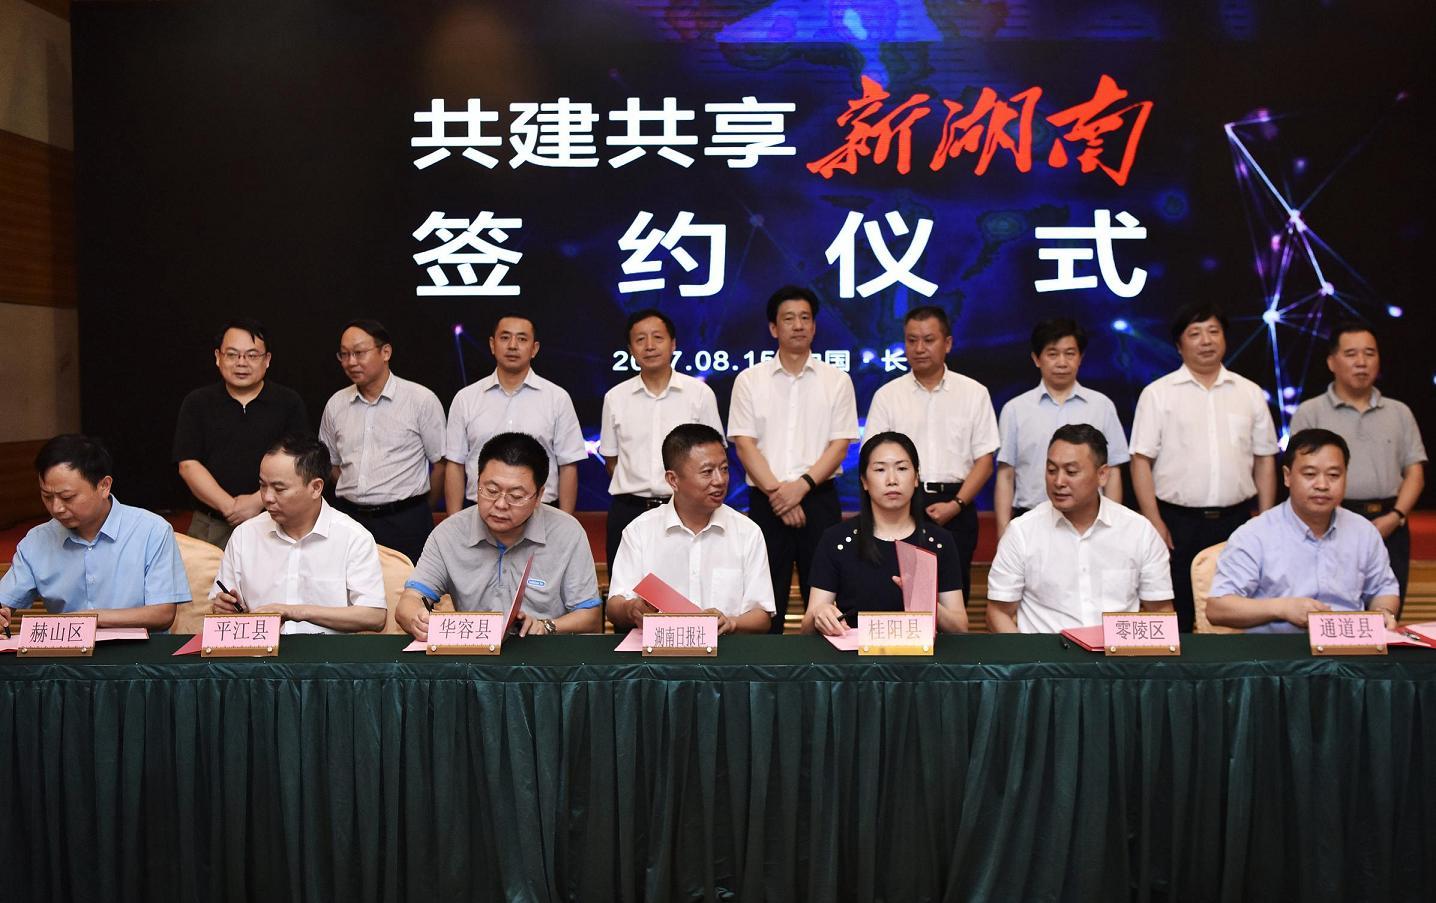 """蔡振红出席""""共建共享新湖南""""政务新媒体座谈会"""